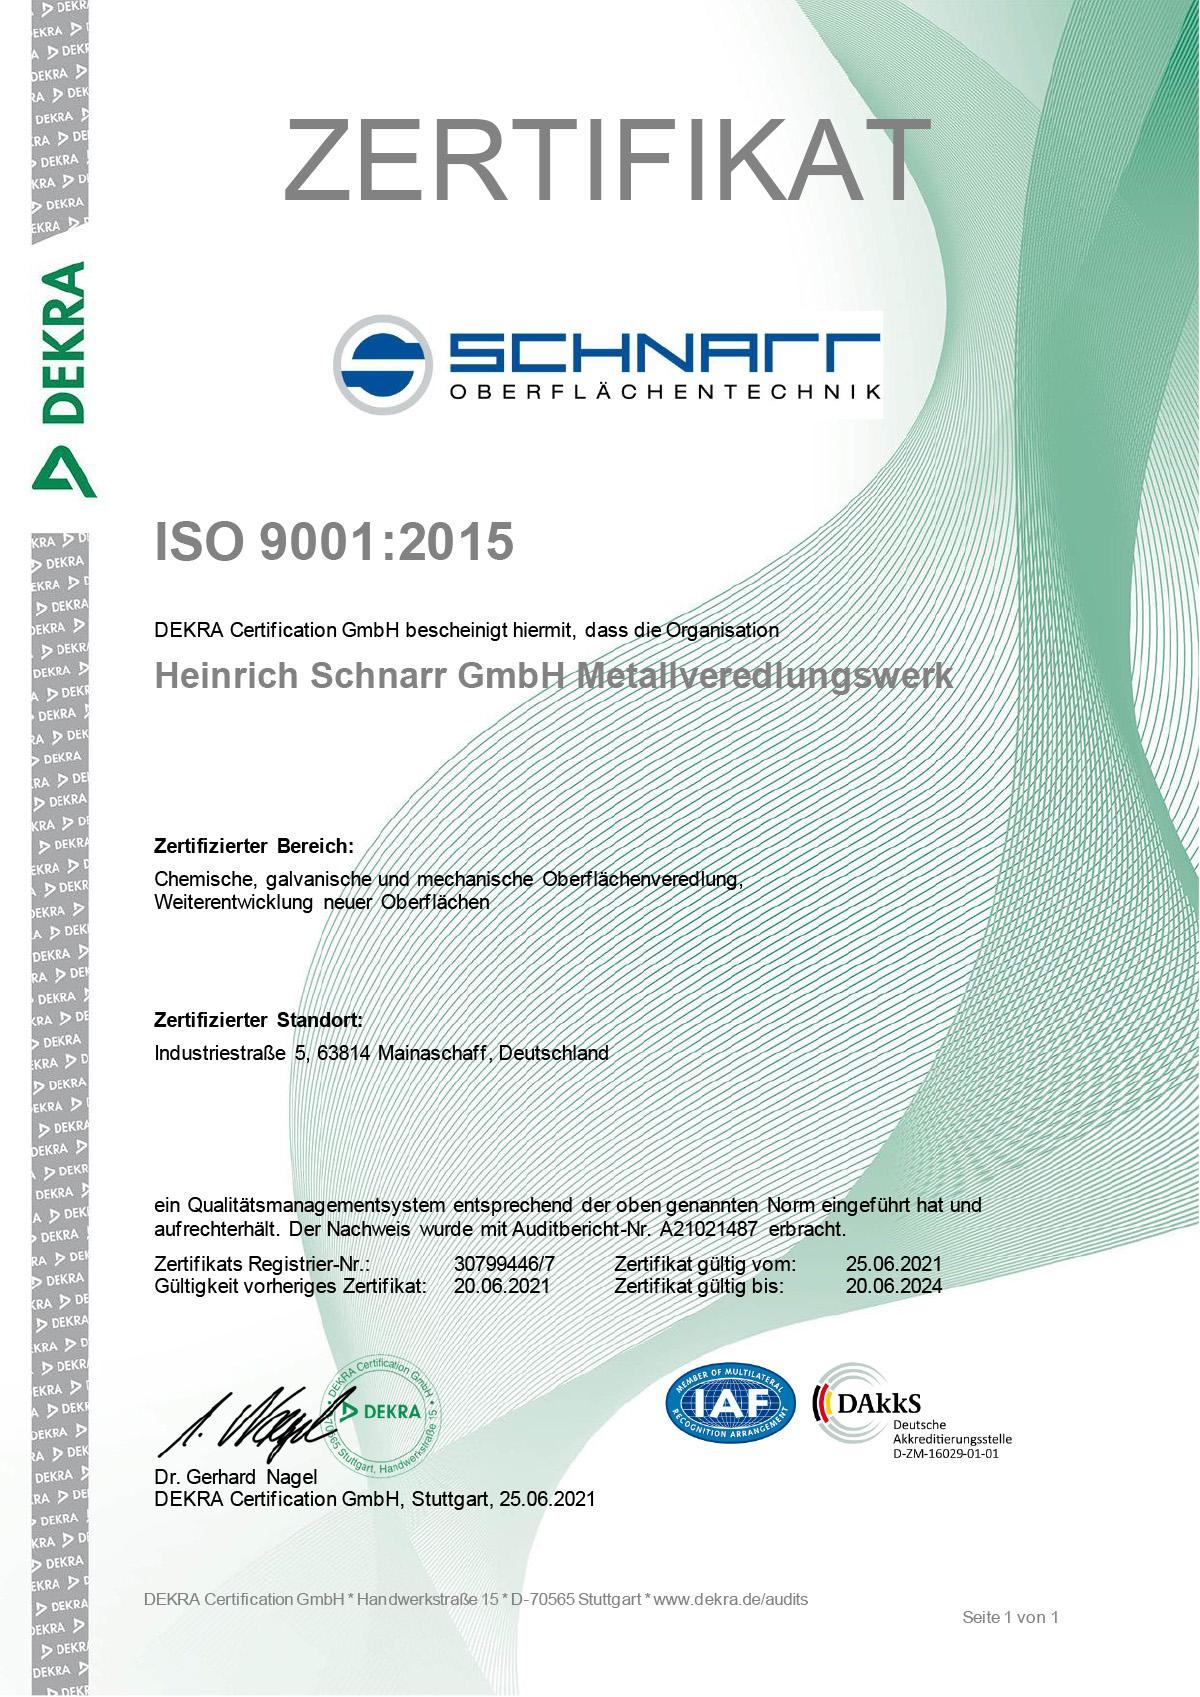 ISO Zertifikat DIN 9001:2008